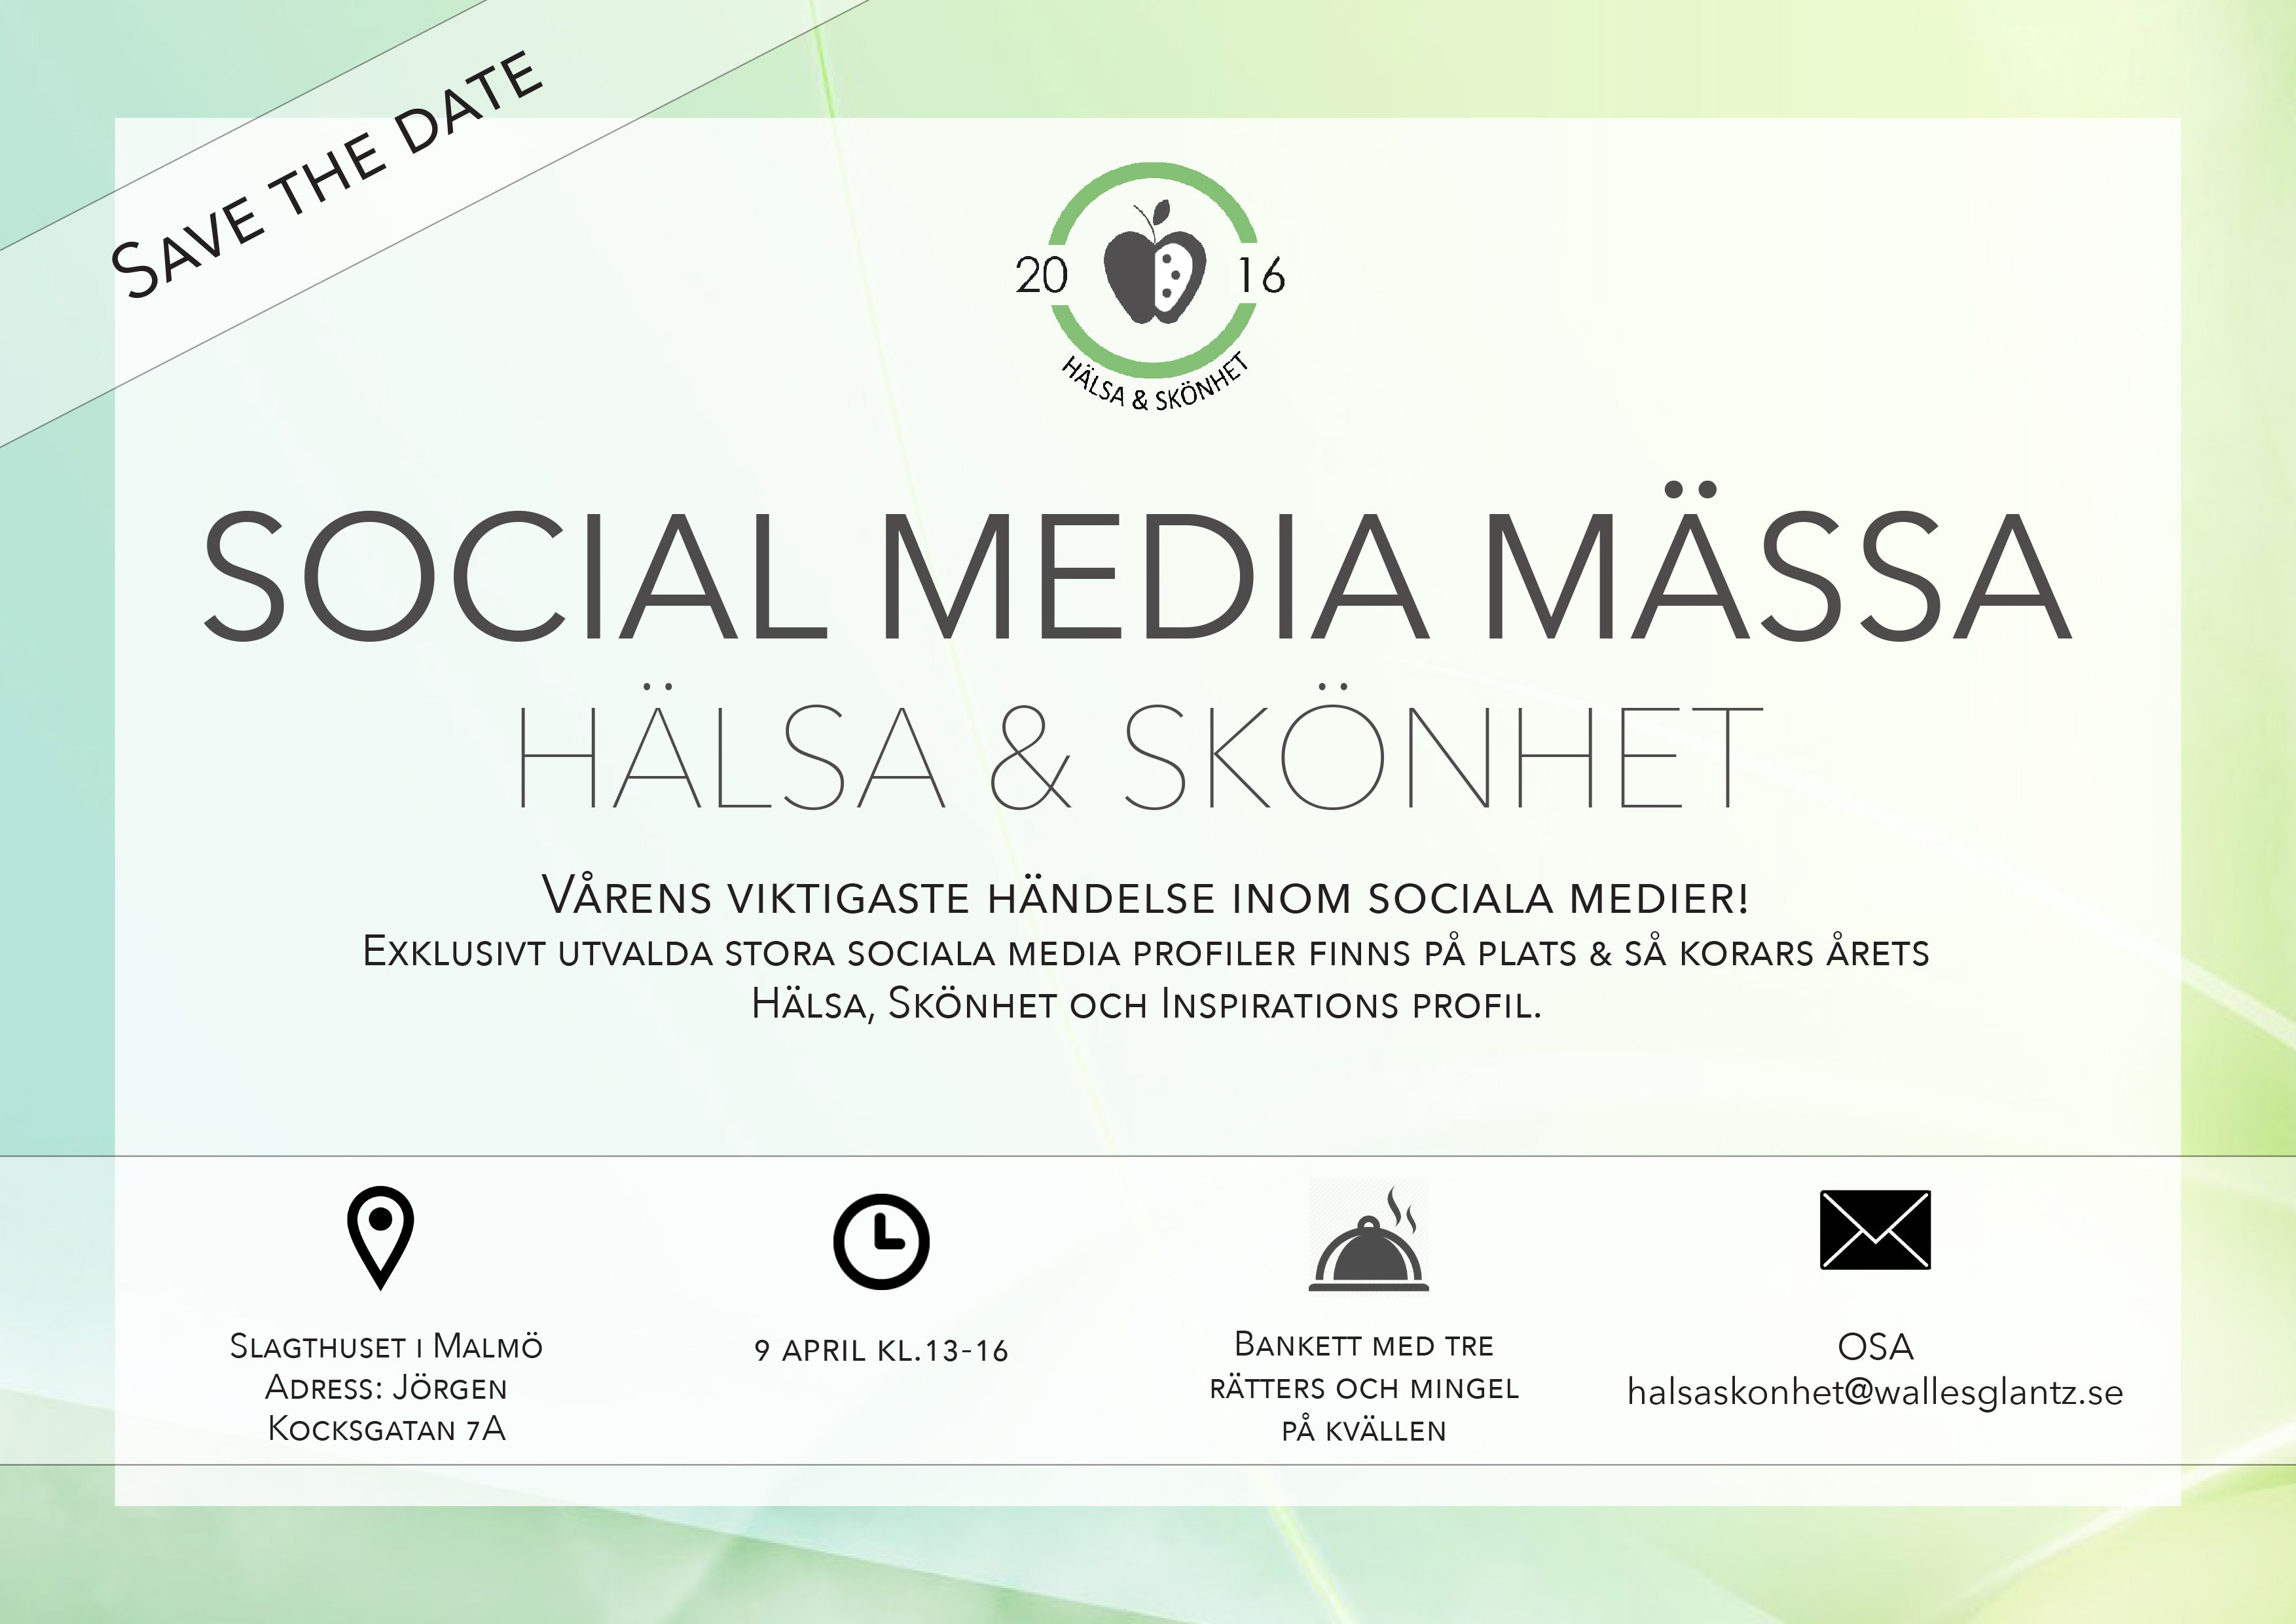 Vinn biljett till årets största Social Media Mässa amandahans skönhetsblogg Social U